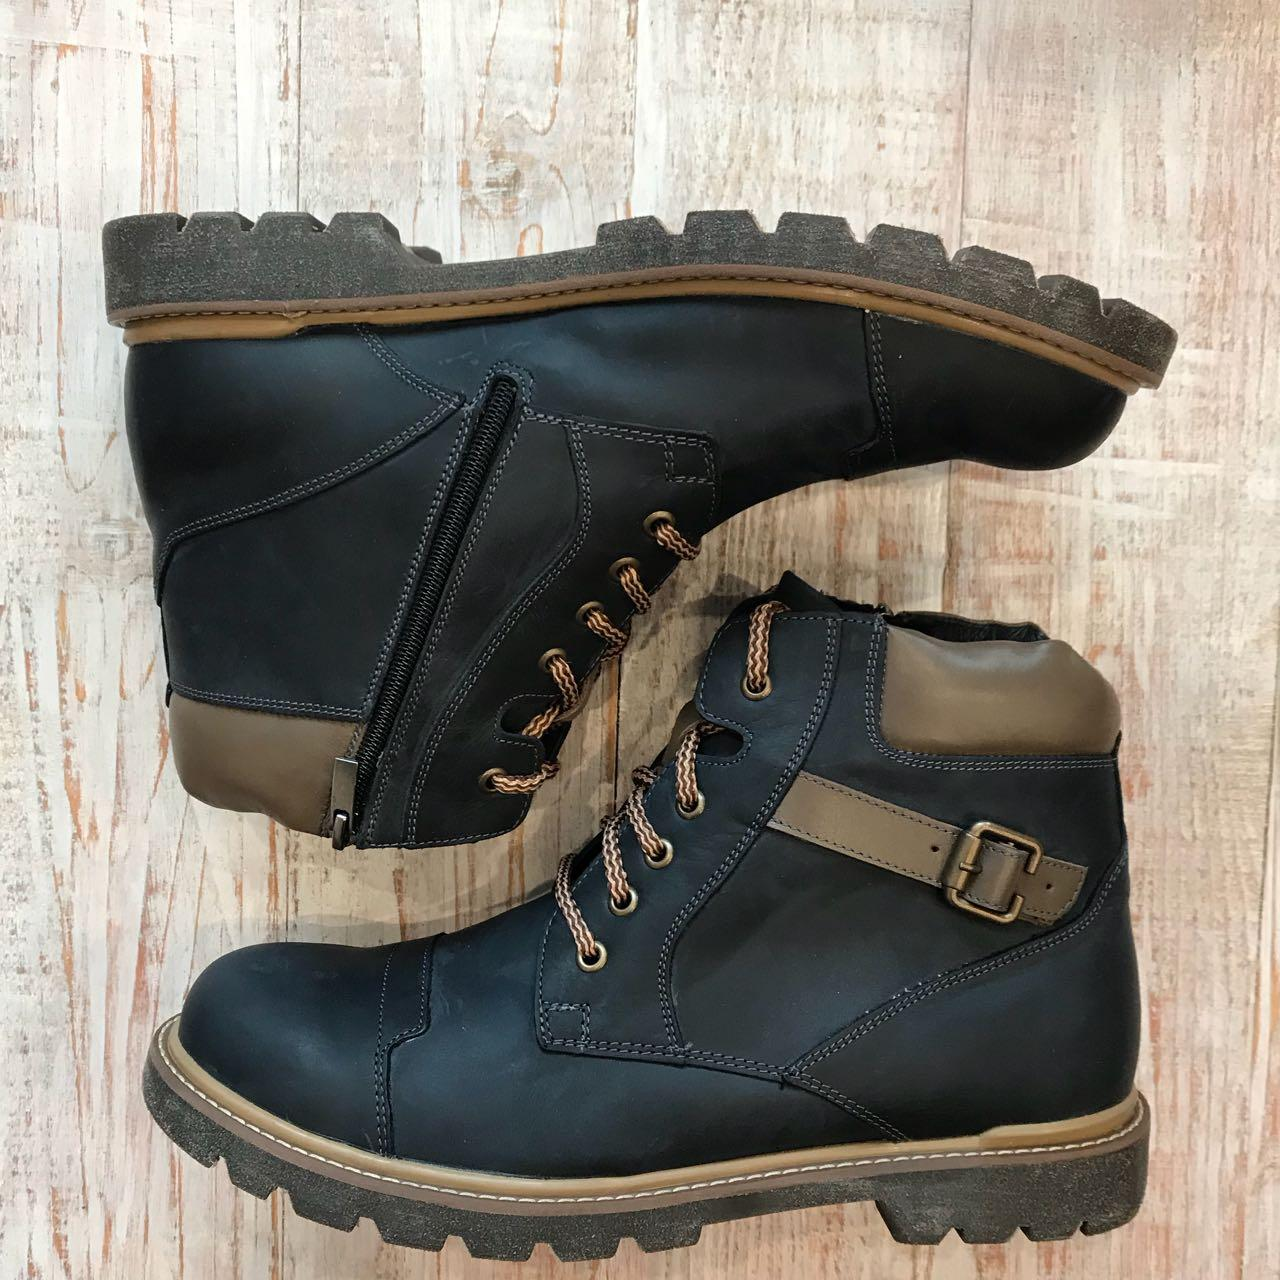 ... Кожаные зимние ботинки арт 14802 размеры 42 efad956f5b2af